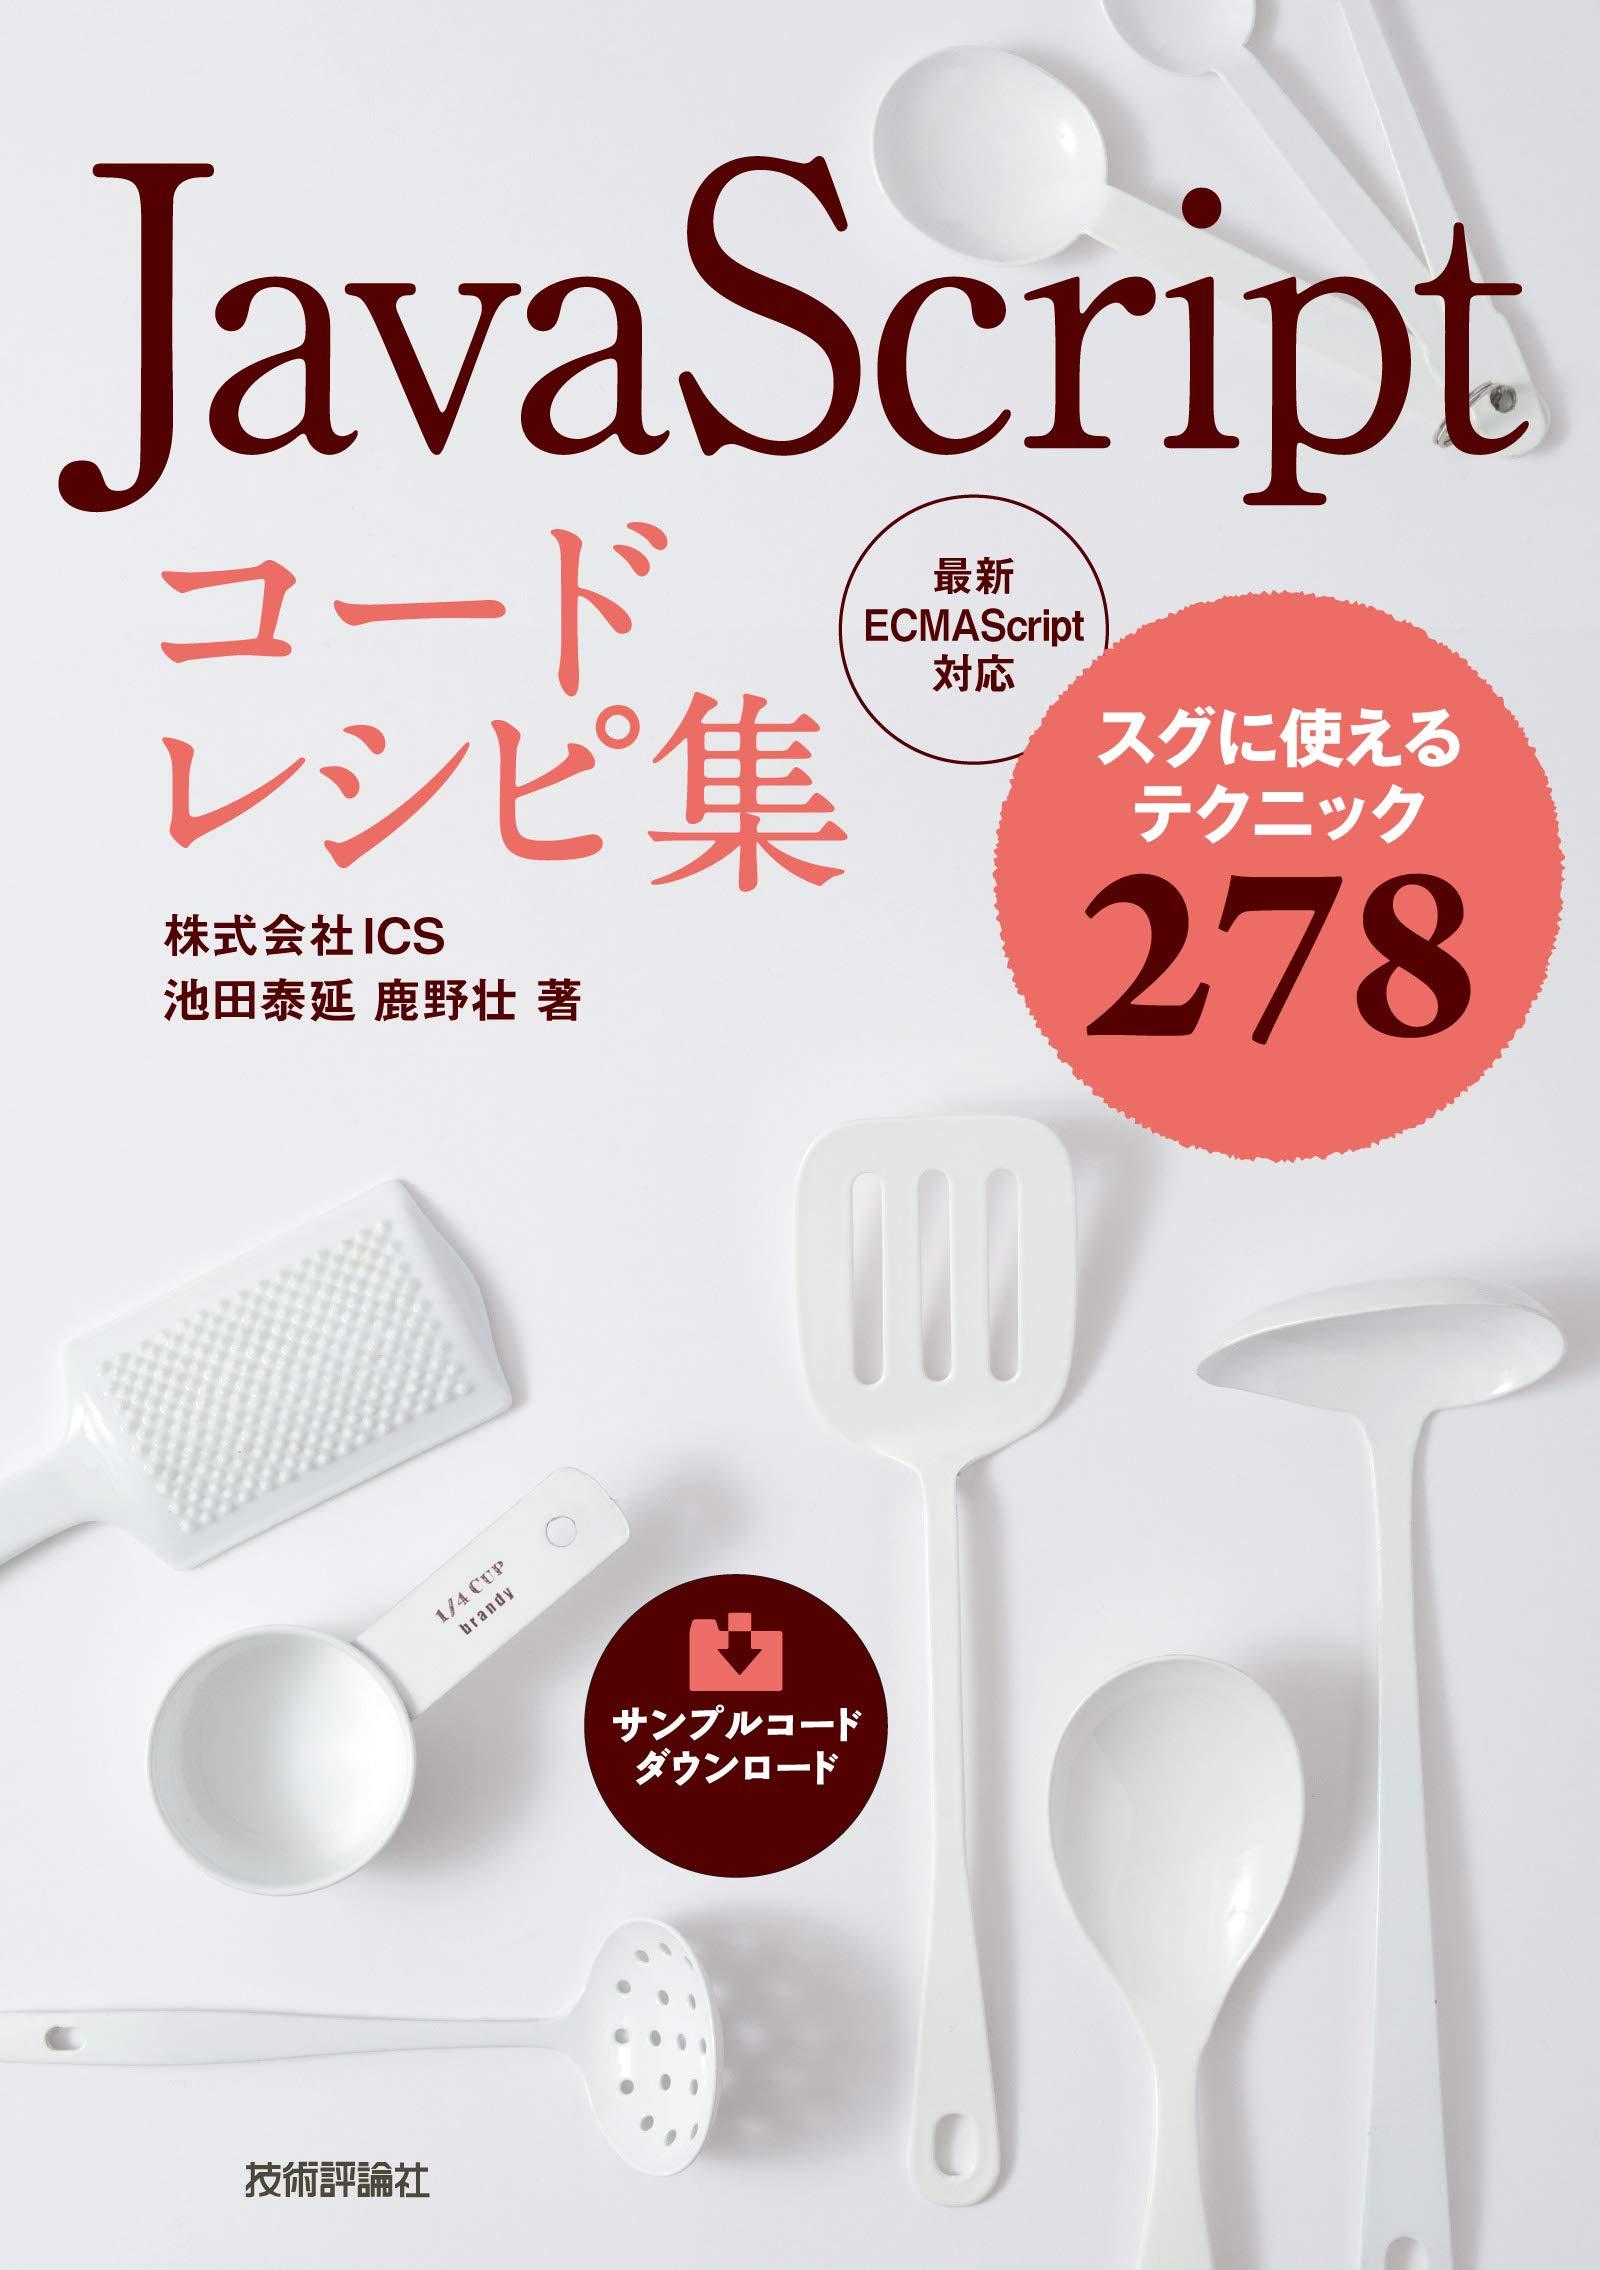 Image of JavaScript コードレシピ集